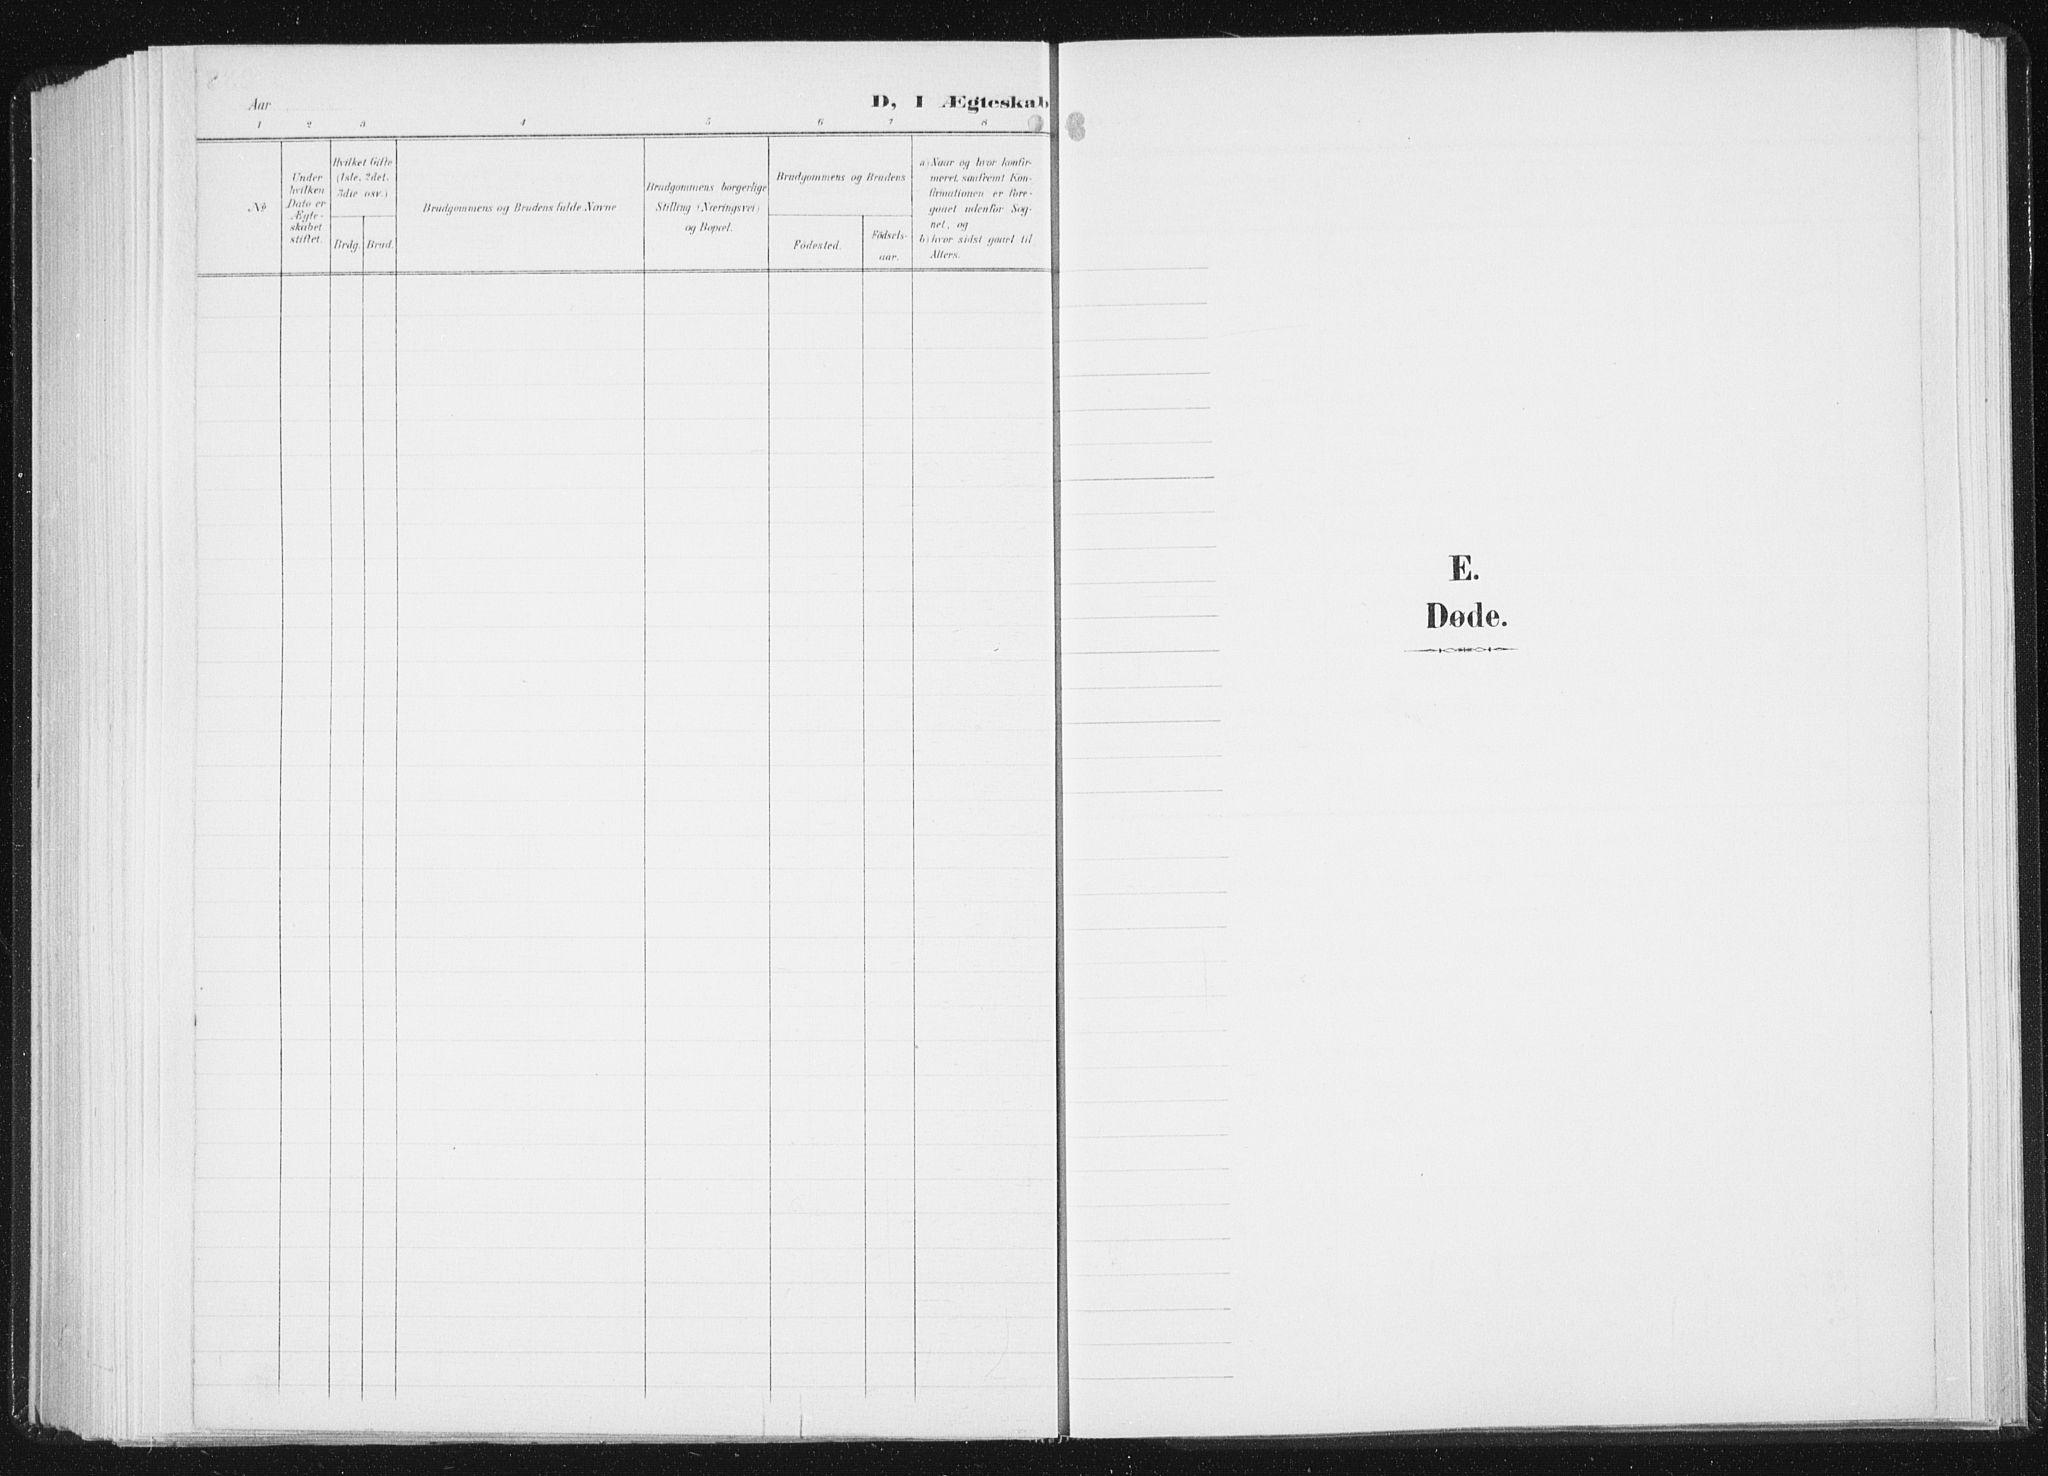 SAT, Ministerialprotokoller, klokkerbøker og fødselsregistre - Sør-Trøndelag, 647/L0635: Parish register (official) no. 647A02, 1896-1911